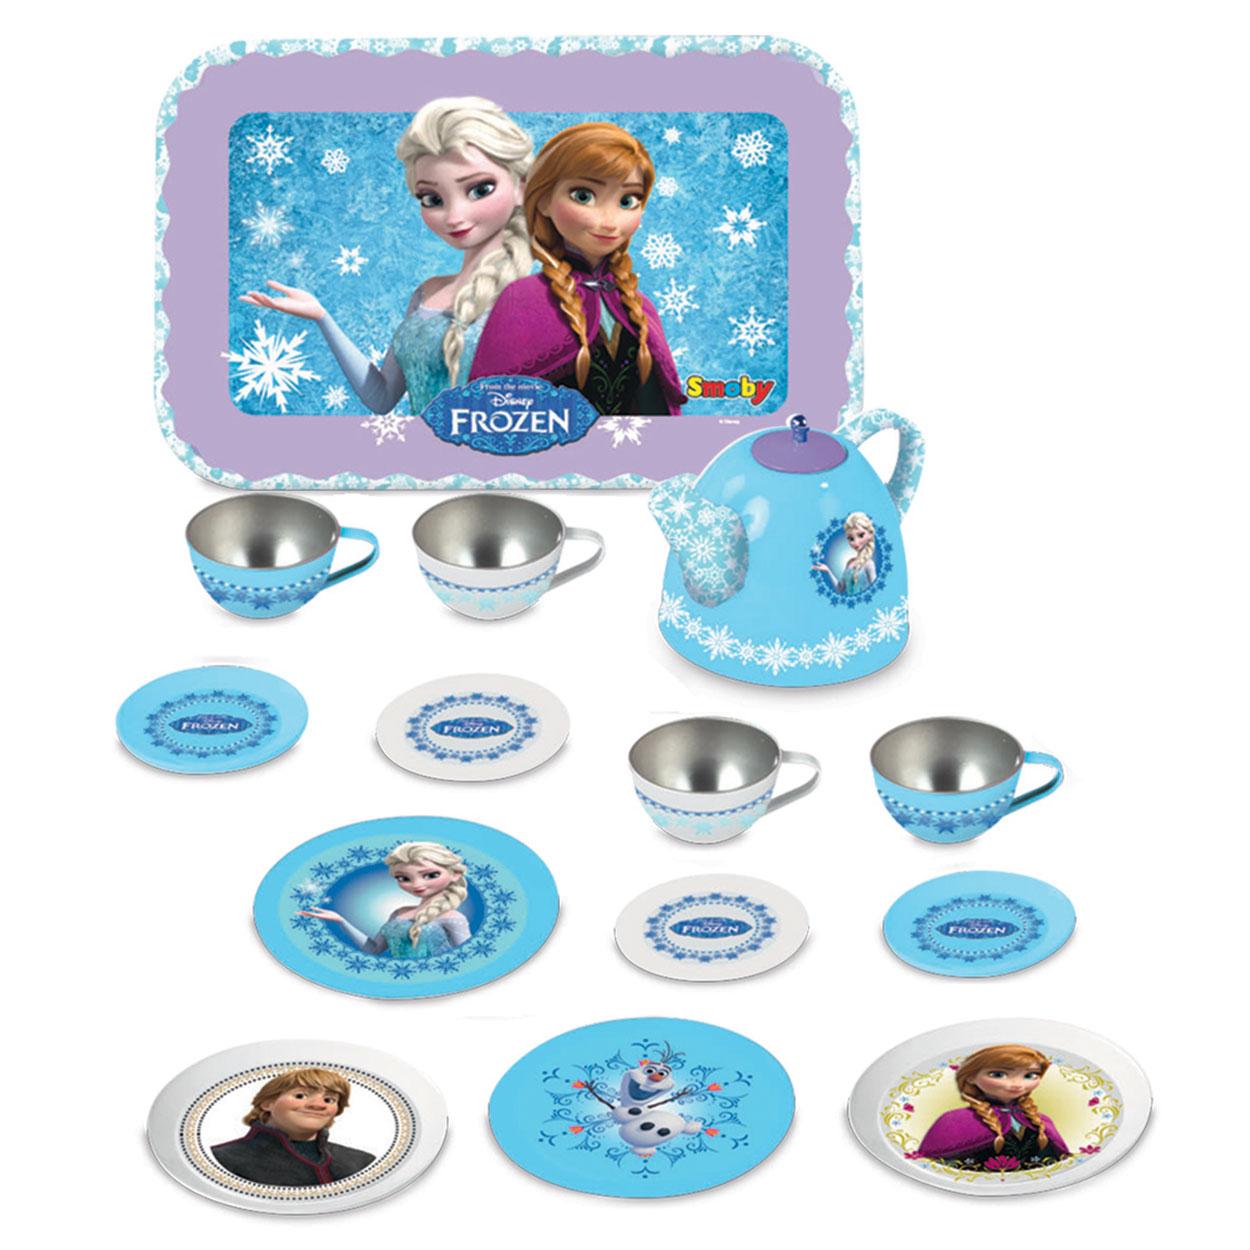 Disney Keukenaccessoires : Smoby Disney Frozen Metalen Theeset online kopen Lobbes nl